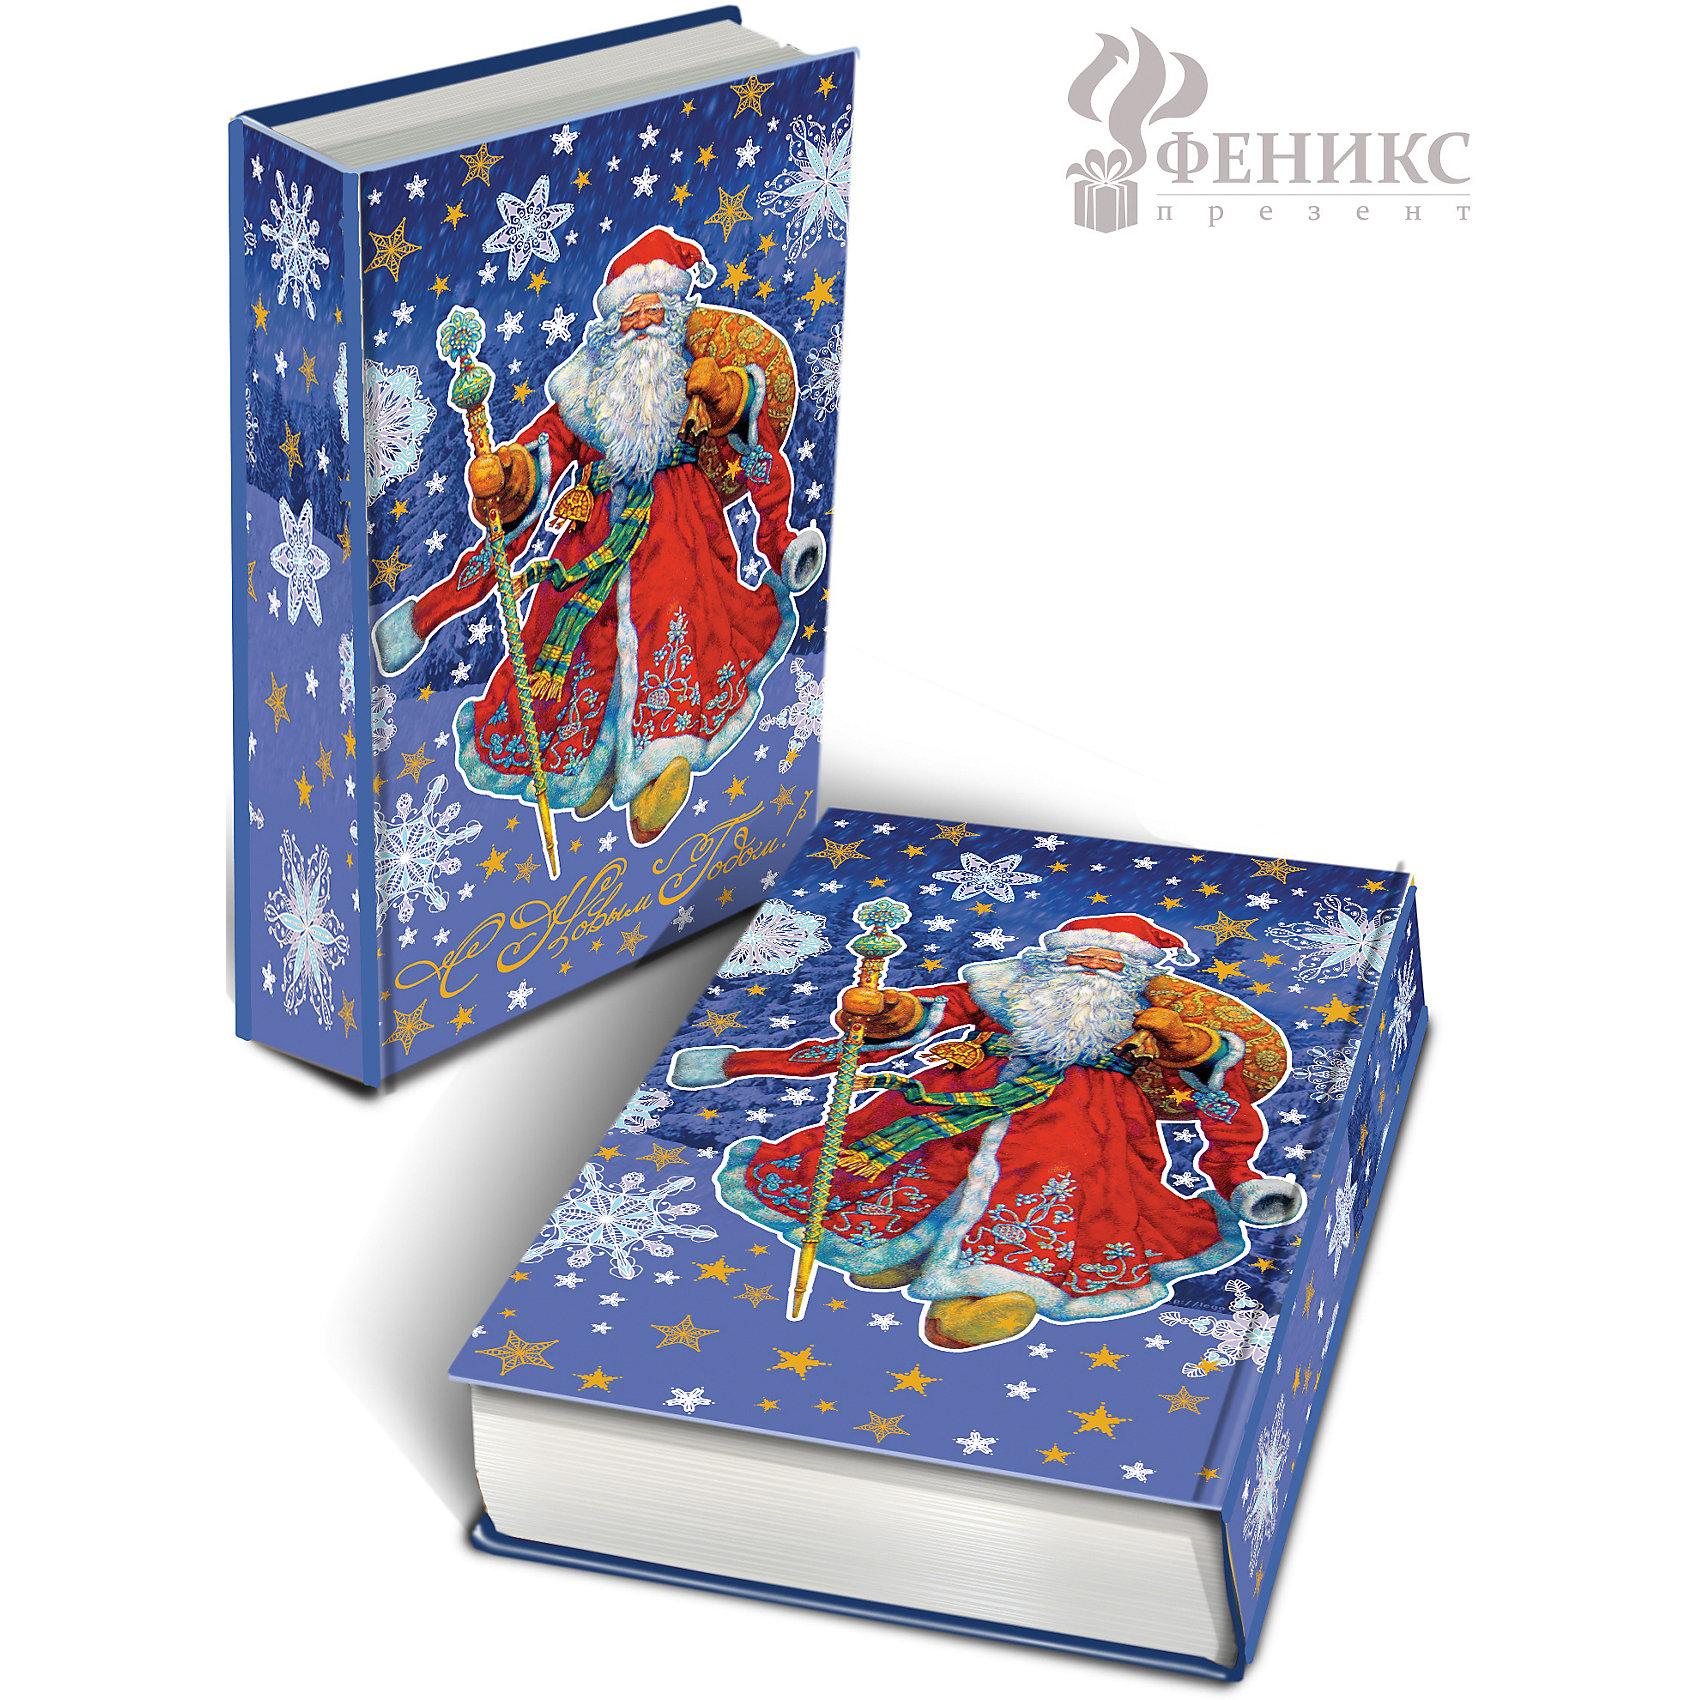 Декоративная шкатулка Дед Мороз в красном кафтане 17*11*5 смДекоративная шкатулка Дед Мороз в красном кафтане 17 * 11 * 5 см - впустите атмосферу зимы и праздников в ваш дом! С этой декоративной шкатулочкой так весело наряжать подарки и радовать близких. Шкатулочка выглядит как книга и имеет яркую обложку с цветными рисунками снежинок, звездочек и деда Мороза с подарками и посохом на ночном светло-фиолетовом фоне. На шкатулке есть золотая надпись «С Новым Годом». Устройте сюрприз вашим близким!<br><br>Дополнительная информация:<br><br>- Размер: 11 * 17 * 5 см.<br>- Материал: МДФ<br>Декоративную шкатулку Дед Мороз в красном кафтане 17 * 11 * 5 см можно купить в нашем интернет-магазине.<br>Подробнее:<br>• Для детей в возрасте: от 3 лет<br>• Номер товара: 4981483<br>Страна производитель: Китай<br><br>Ширина мм: 170<br>Глубина мм: 110<br>Высота мм: 50<br>Вес г: 400<br>Возраст от месяцев: 36<br>Возраст до месяцев: 2147483647<br>Пол: Унисекс<br>Возраст: Детский<br>SKU: 4981483